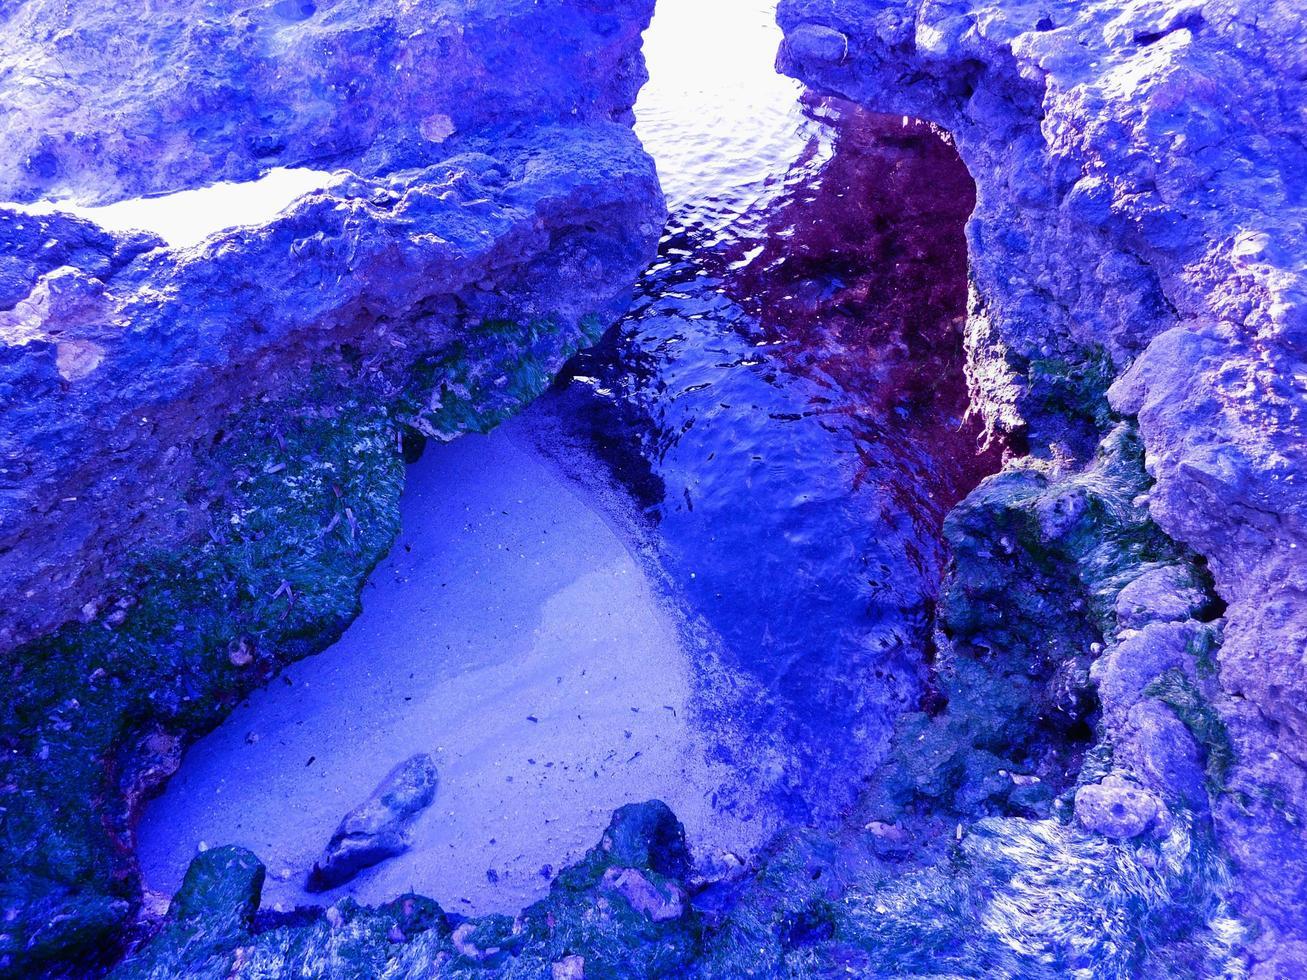 mare all'aperto di giorno foto